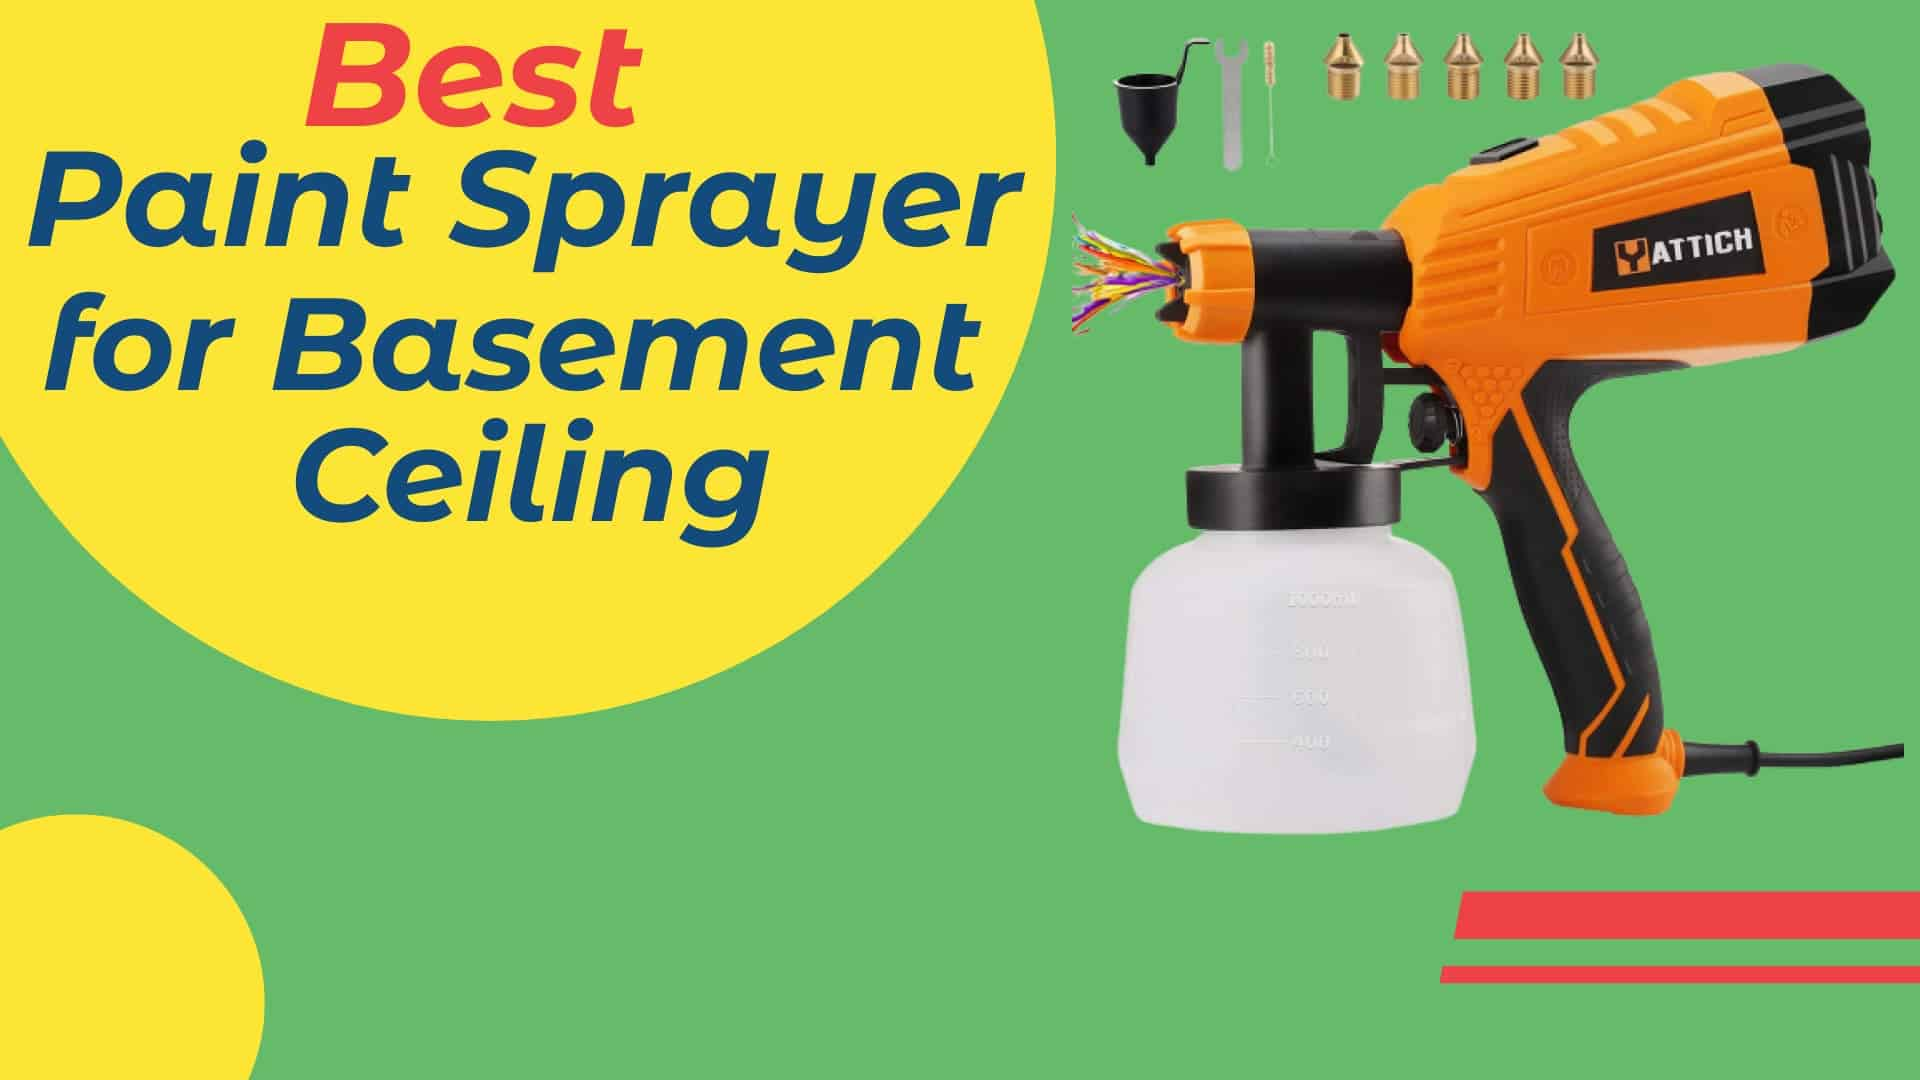 Best Paint Sprayer for Basement Ceiling